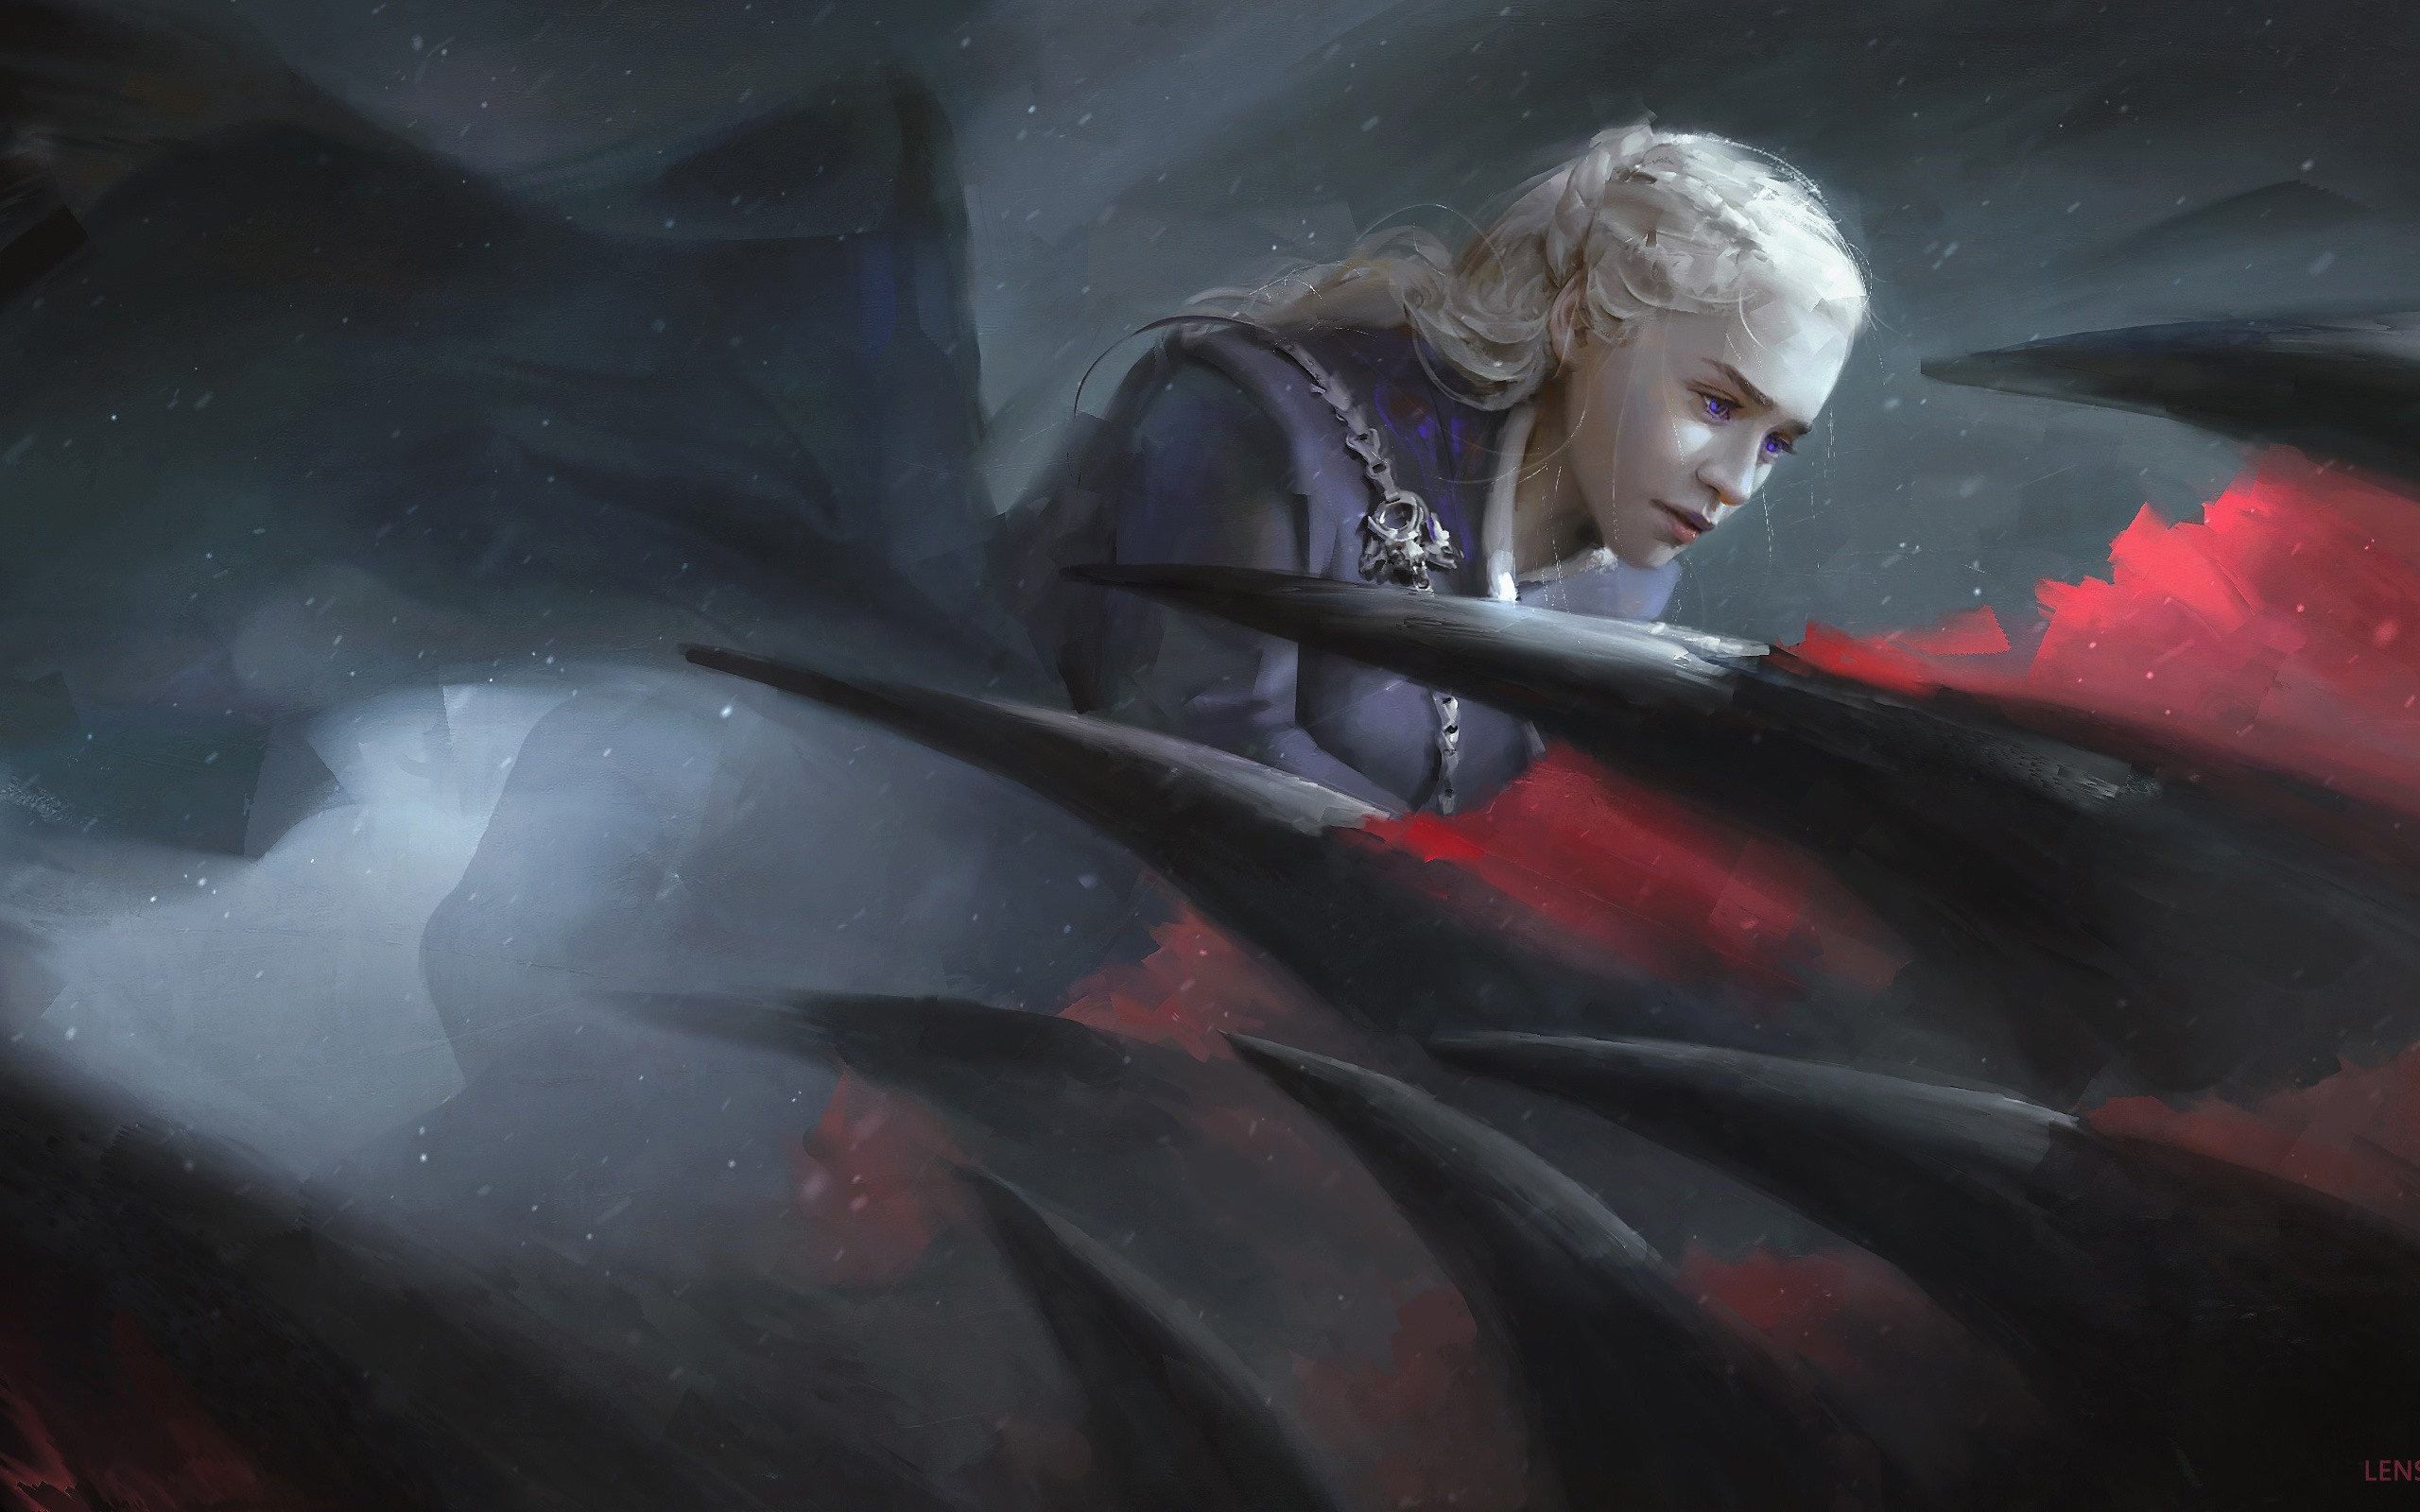 Fondos De Pantalla Emilia Clarke Juego De Tronos Dragón